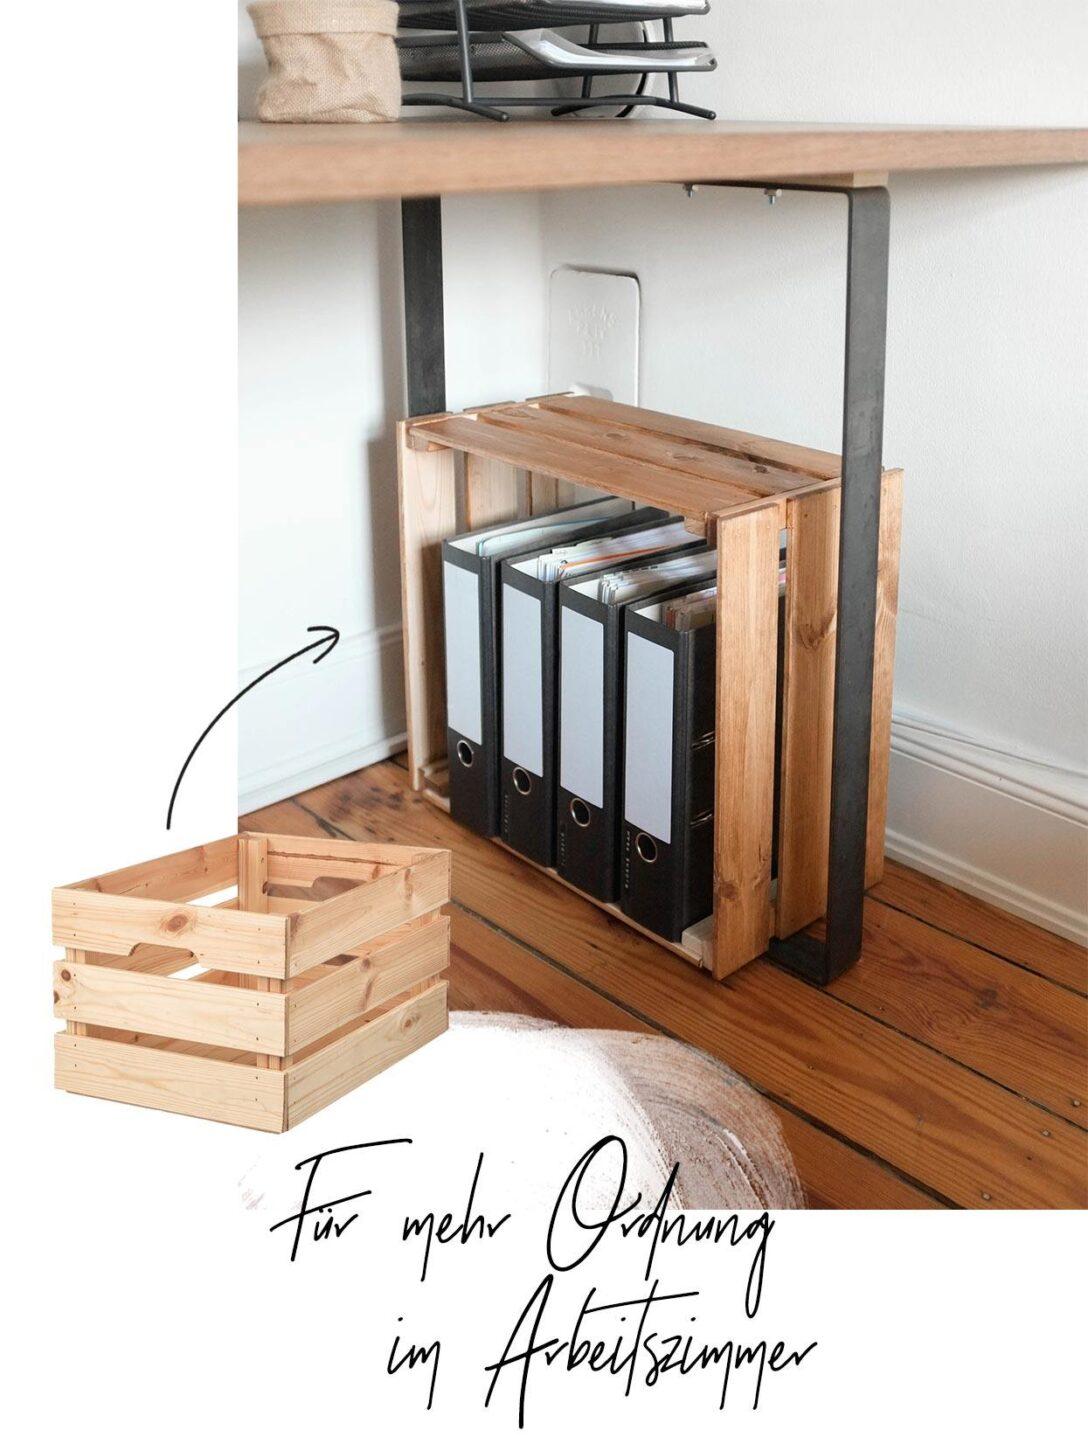 Large Size of Ikea Hacks Aufbewahrung Mit Kisten Eine Ordnerkiste Selber Bauen Wohnklamotte Miniküche Modulküche Küche Kaufen Betten Bett Aufbewahrungsbehälter 160x200 Wohnzimmer Ikea Hacks Aufbewahrung